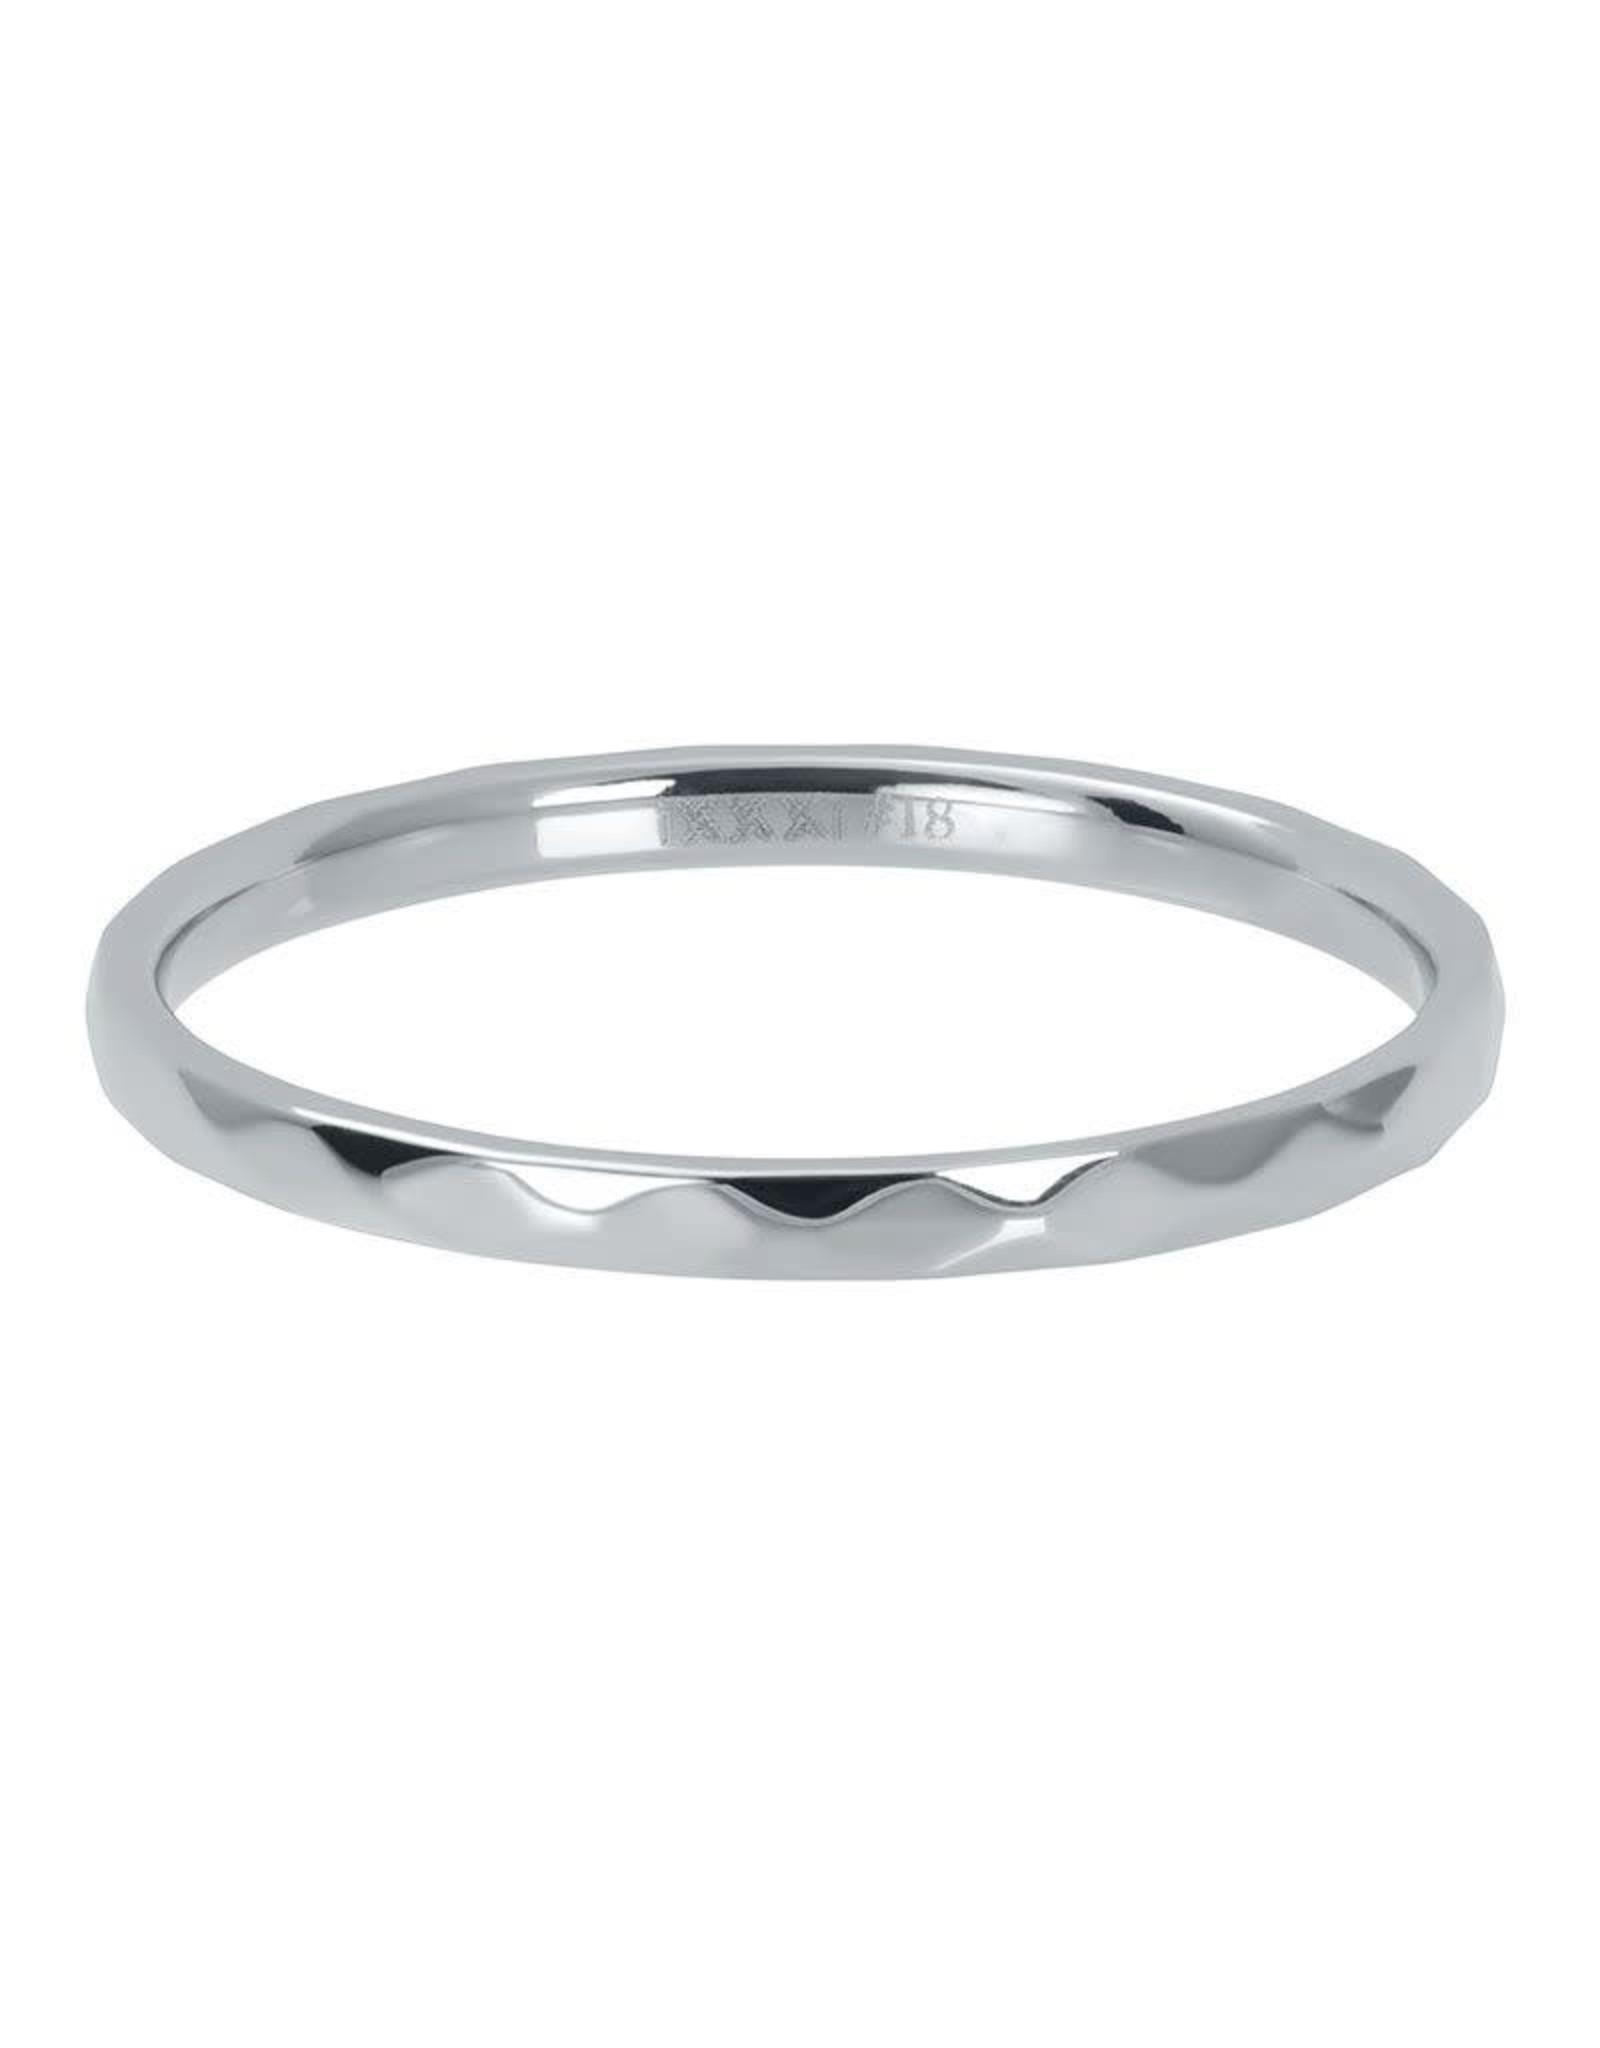 IXXXI IXXXI Hammerite ring Silver